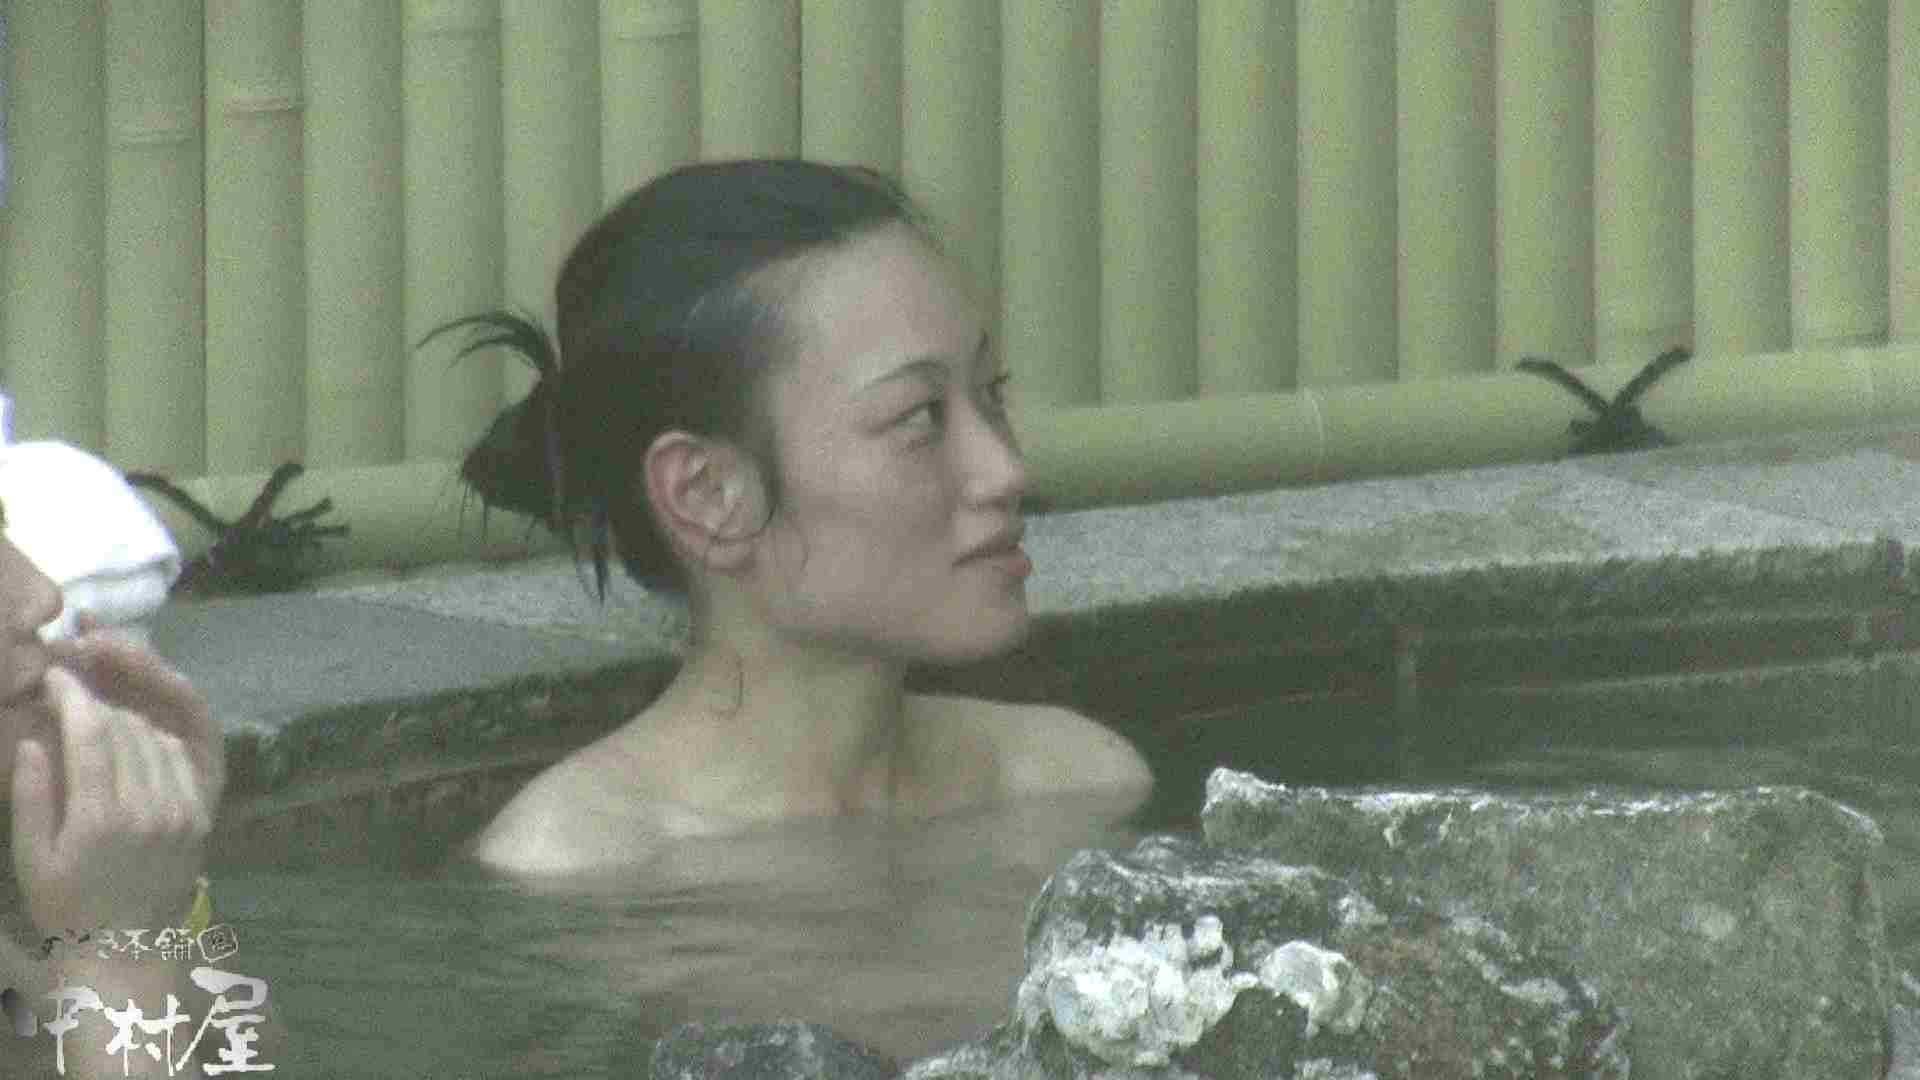 Aquaな露天風呂Vol.914 露天 | 盗撮  98pic 74